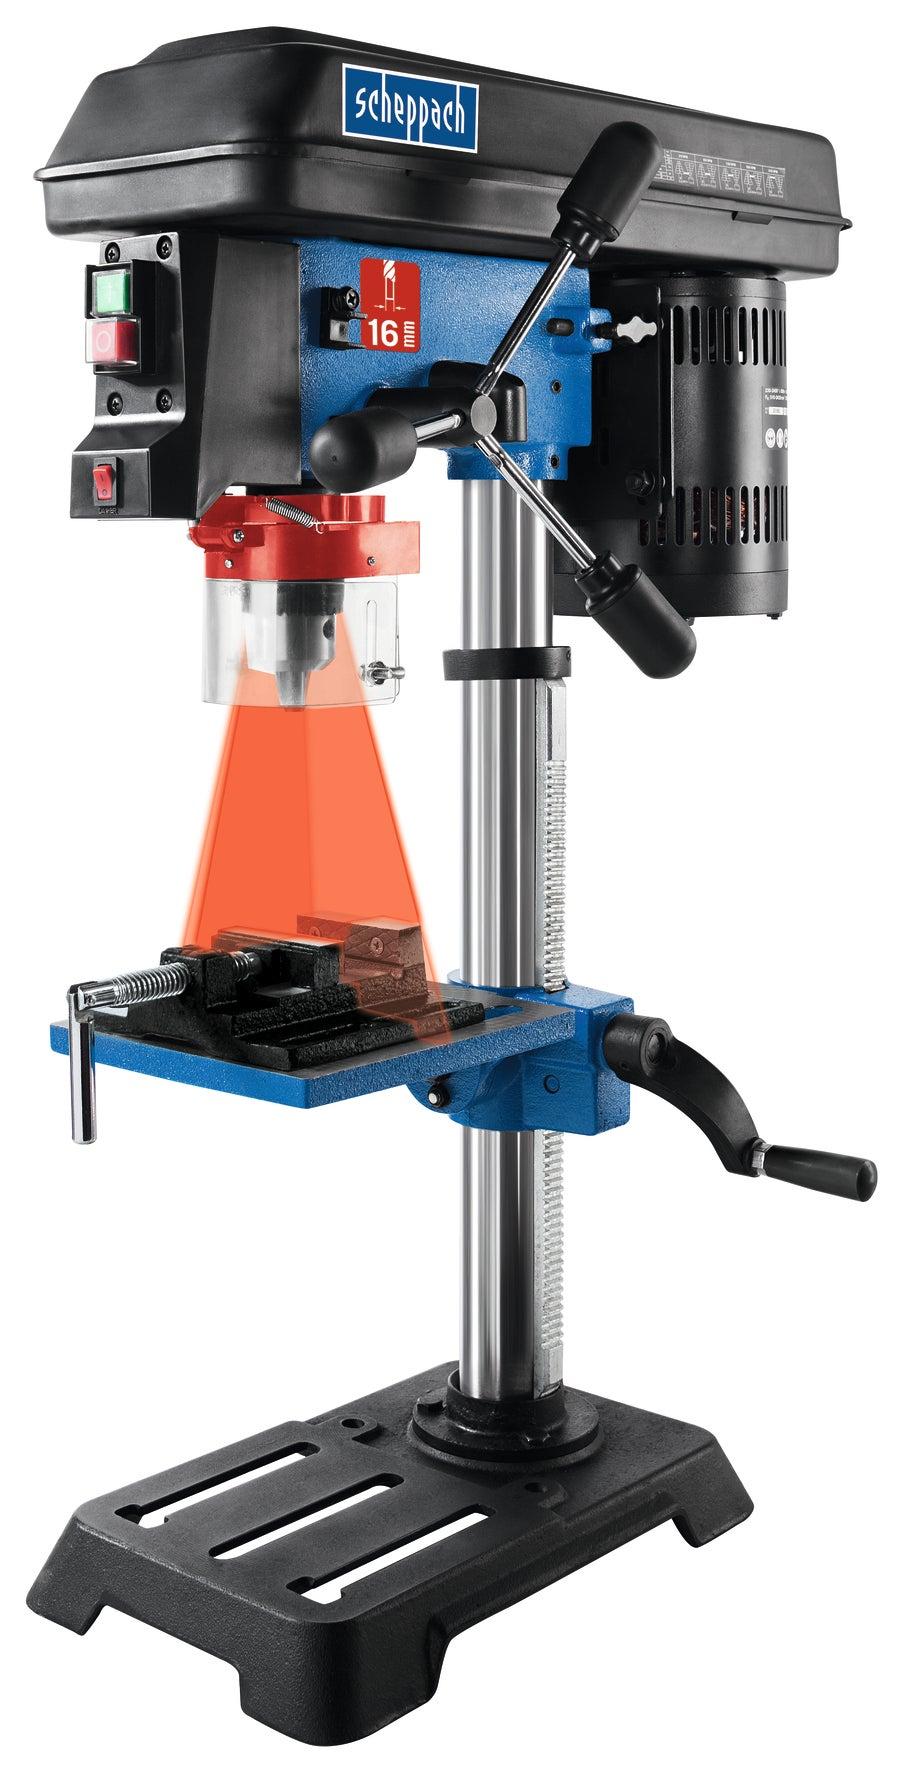 Scheppach table Perceuse dp50 avec écran digital /& Laser piliers Perceuse